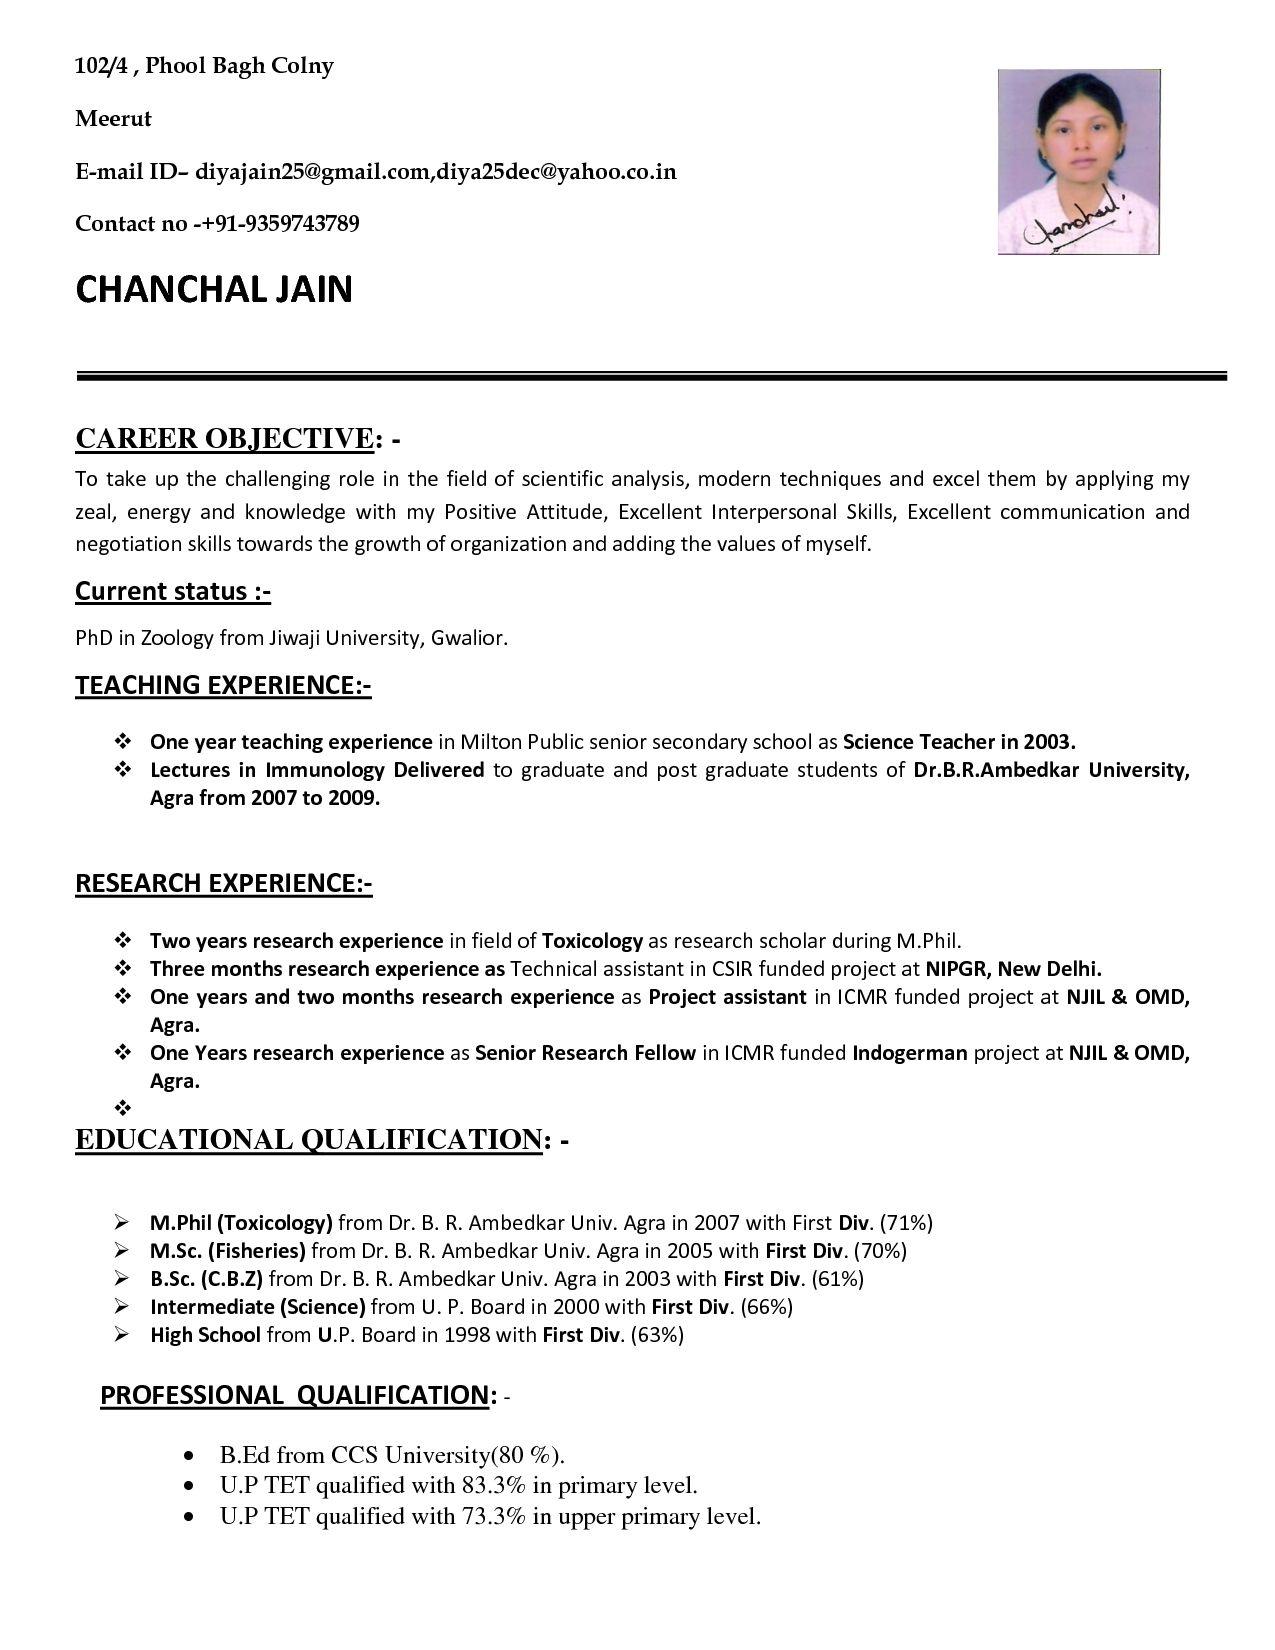 Biodata Sample For Teacher Job Teacher resume template